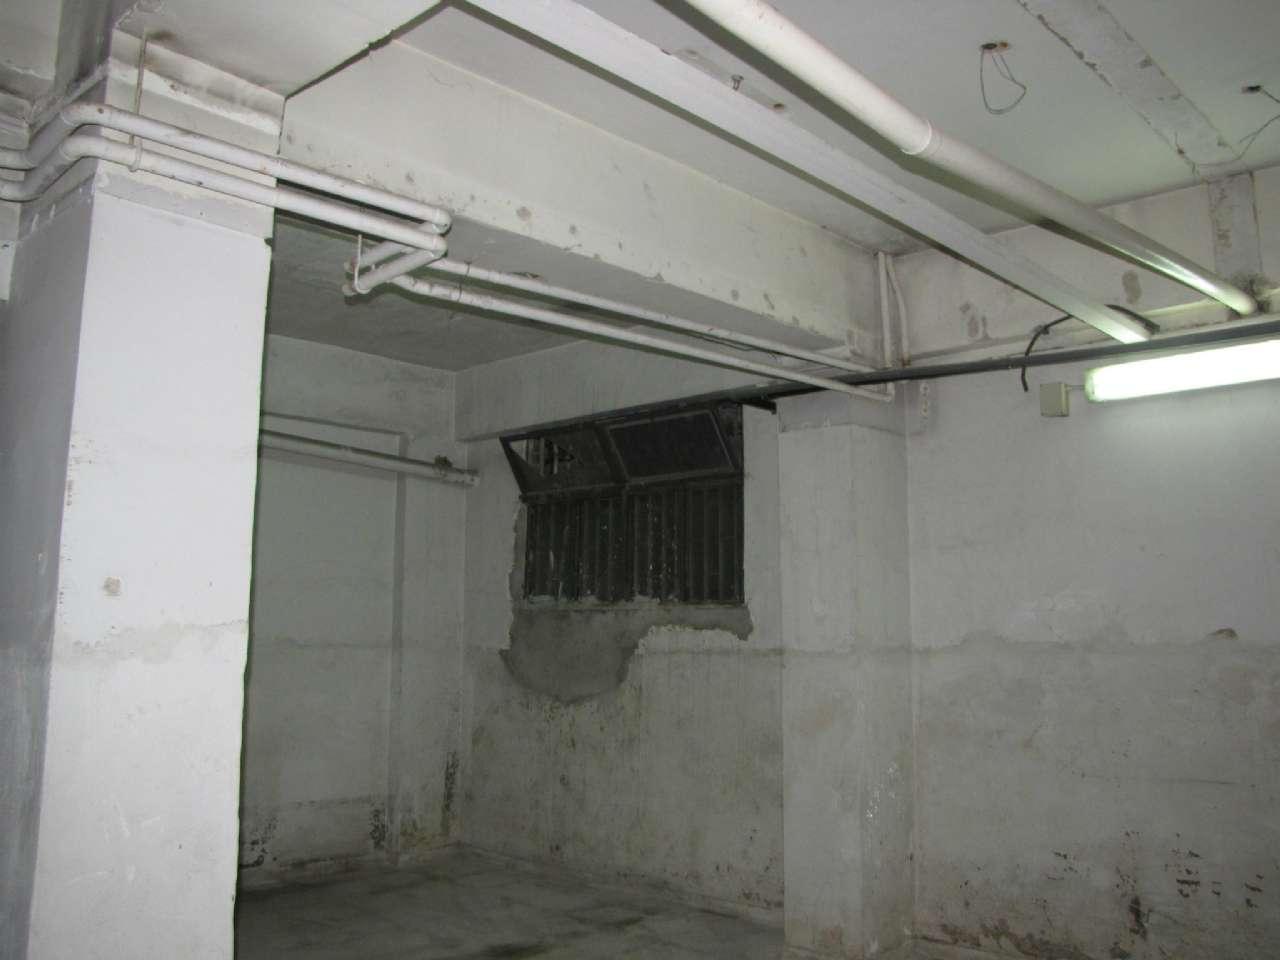 Negozio su due piani e con vetrine in zona centrale, foto 5